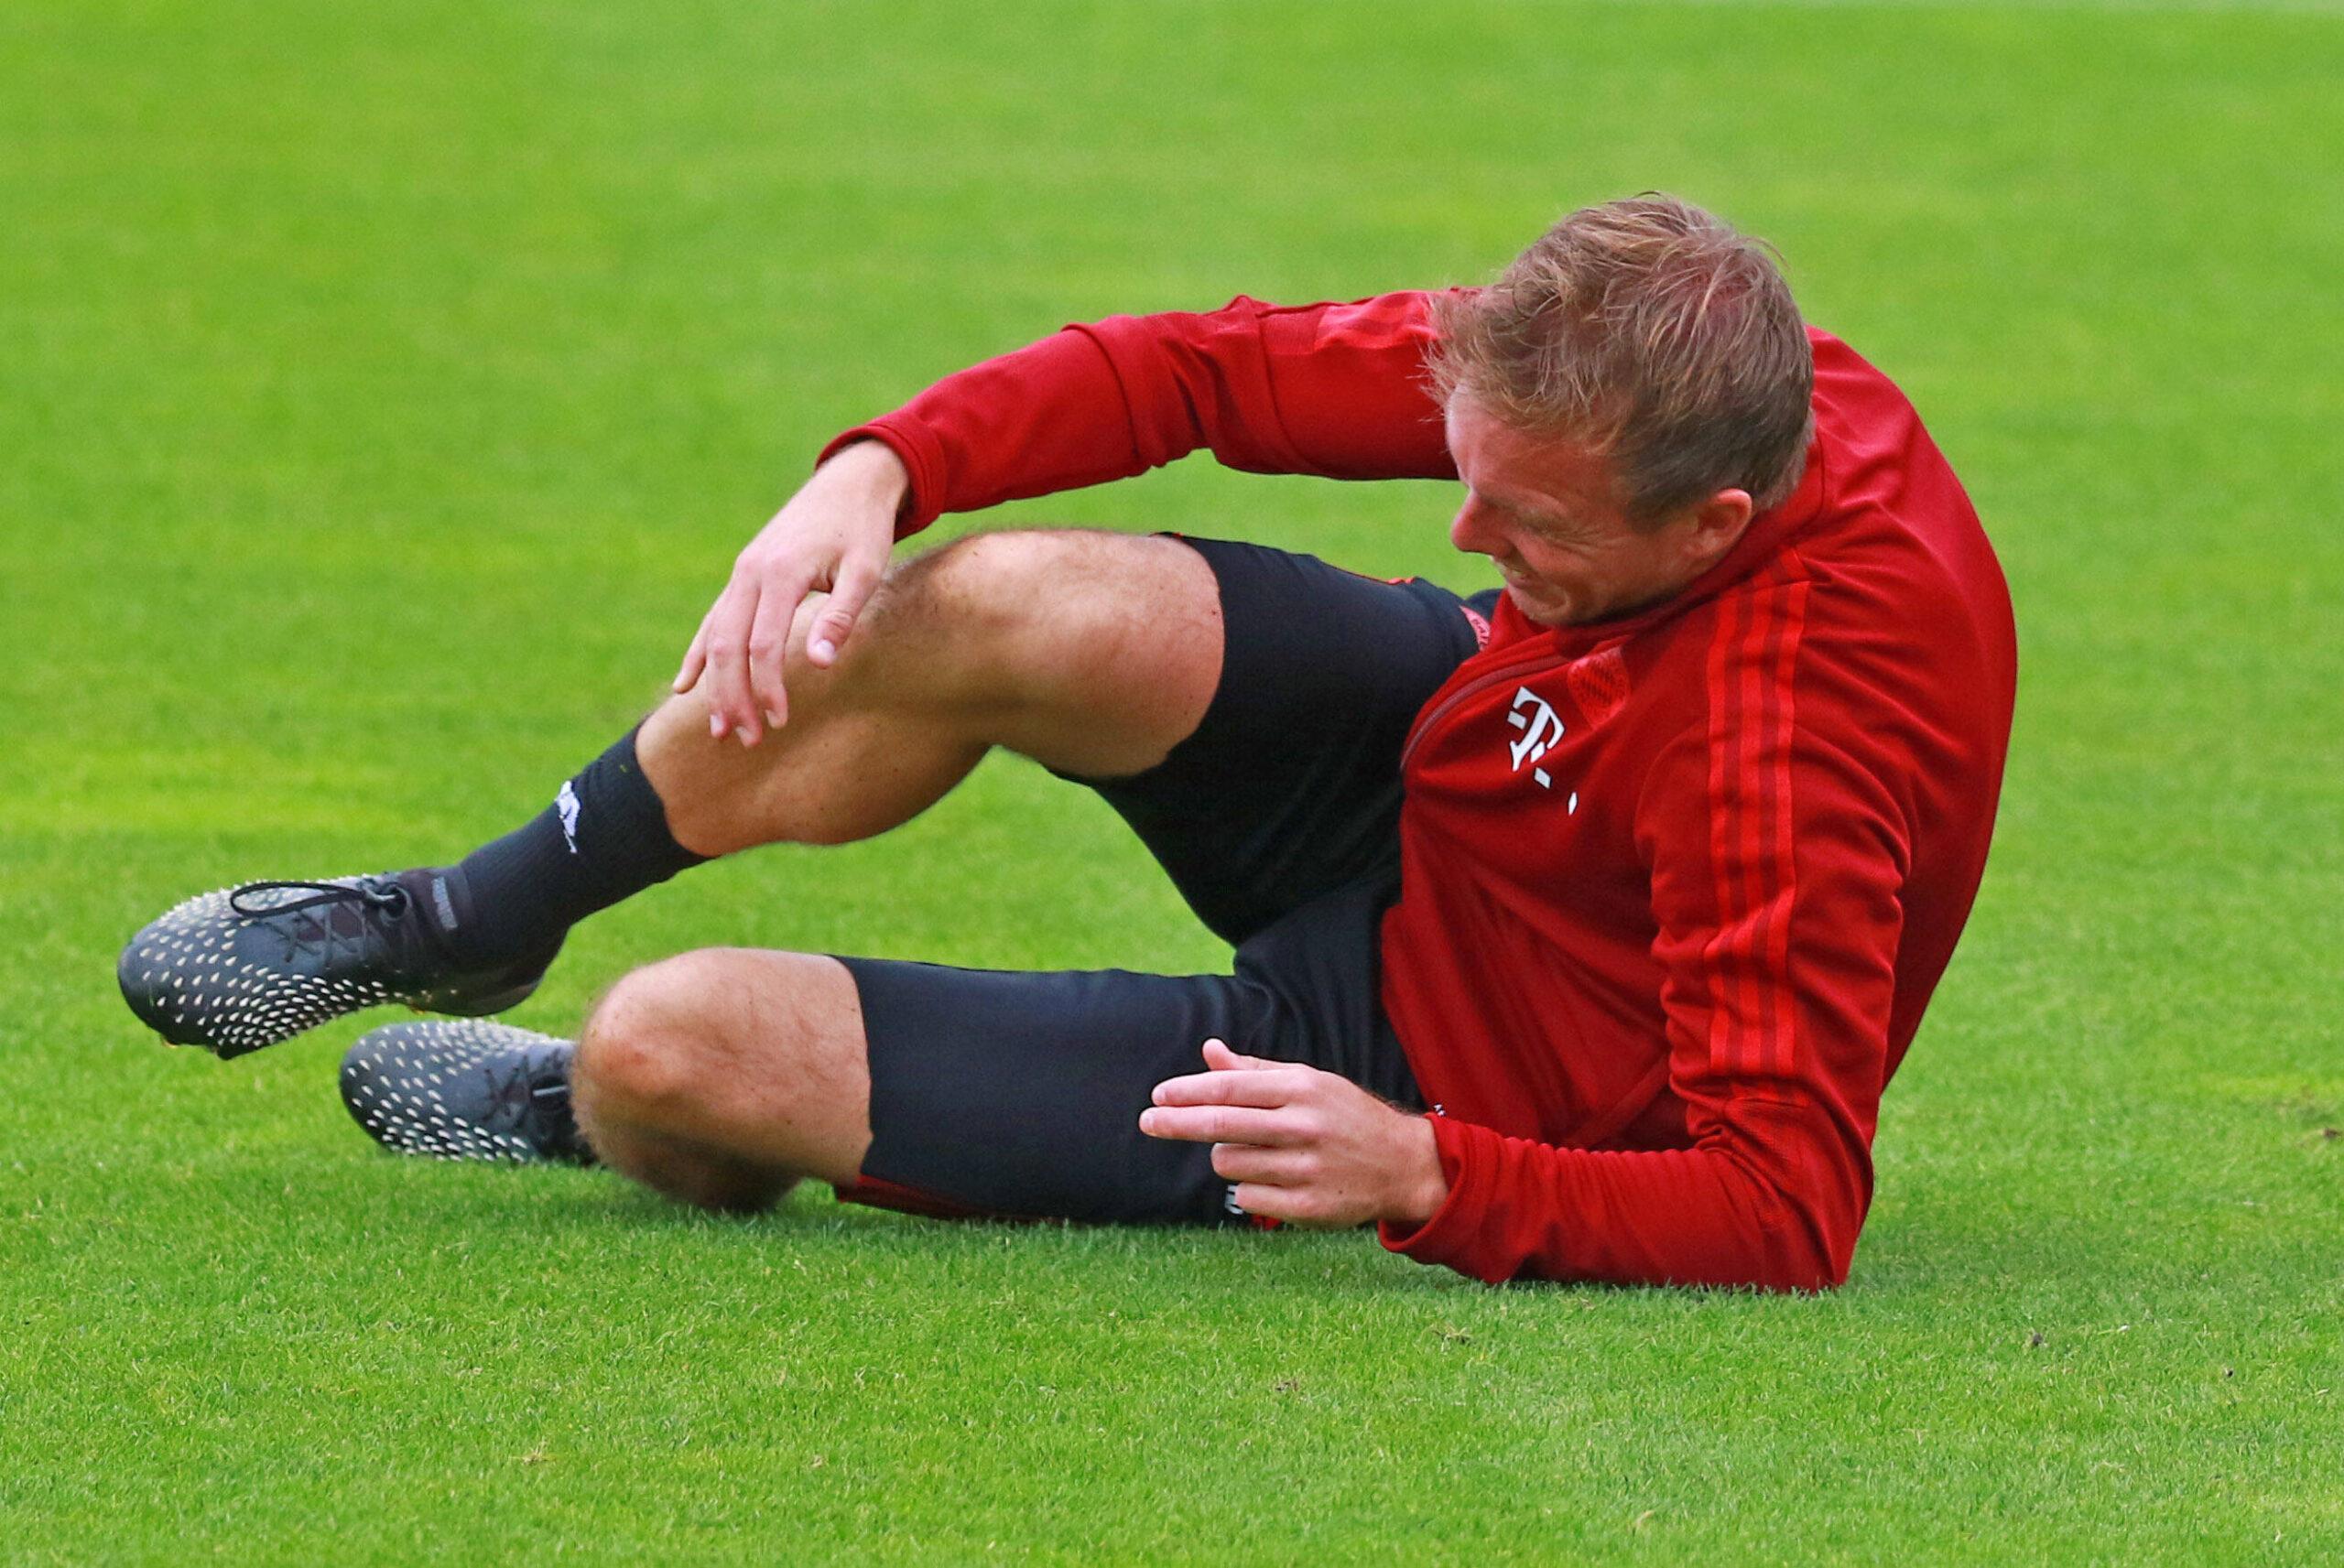 Nagelsmann y una imagen insólita en el entrenamiento del FC Bayern. Foto: Imago